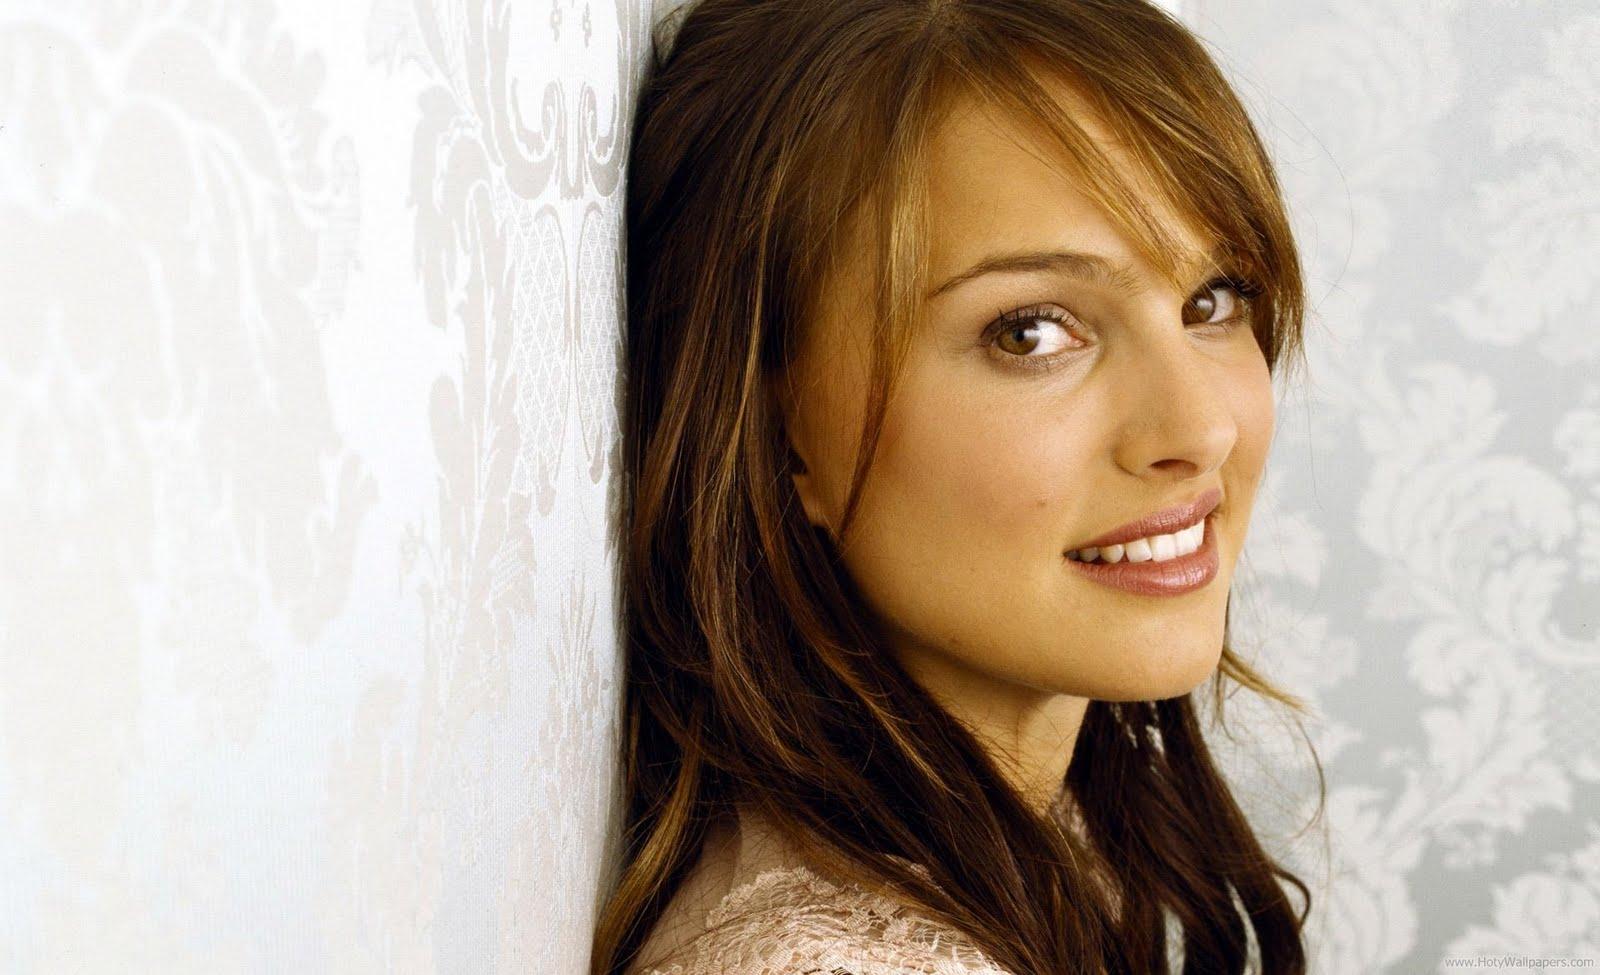 Natalie Portman Beautiful Hollywood Actress Latest Wallpaper 1600x975